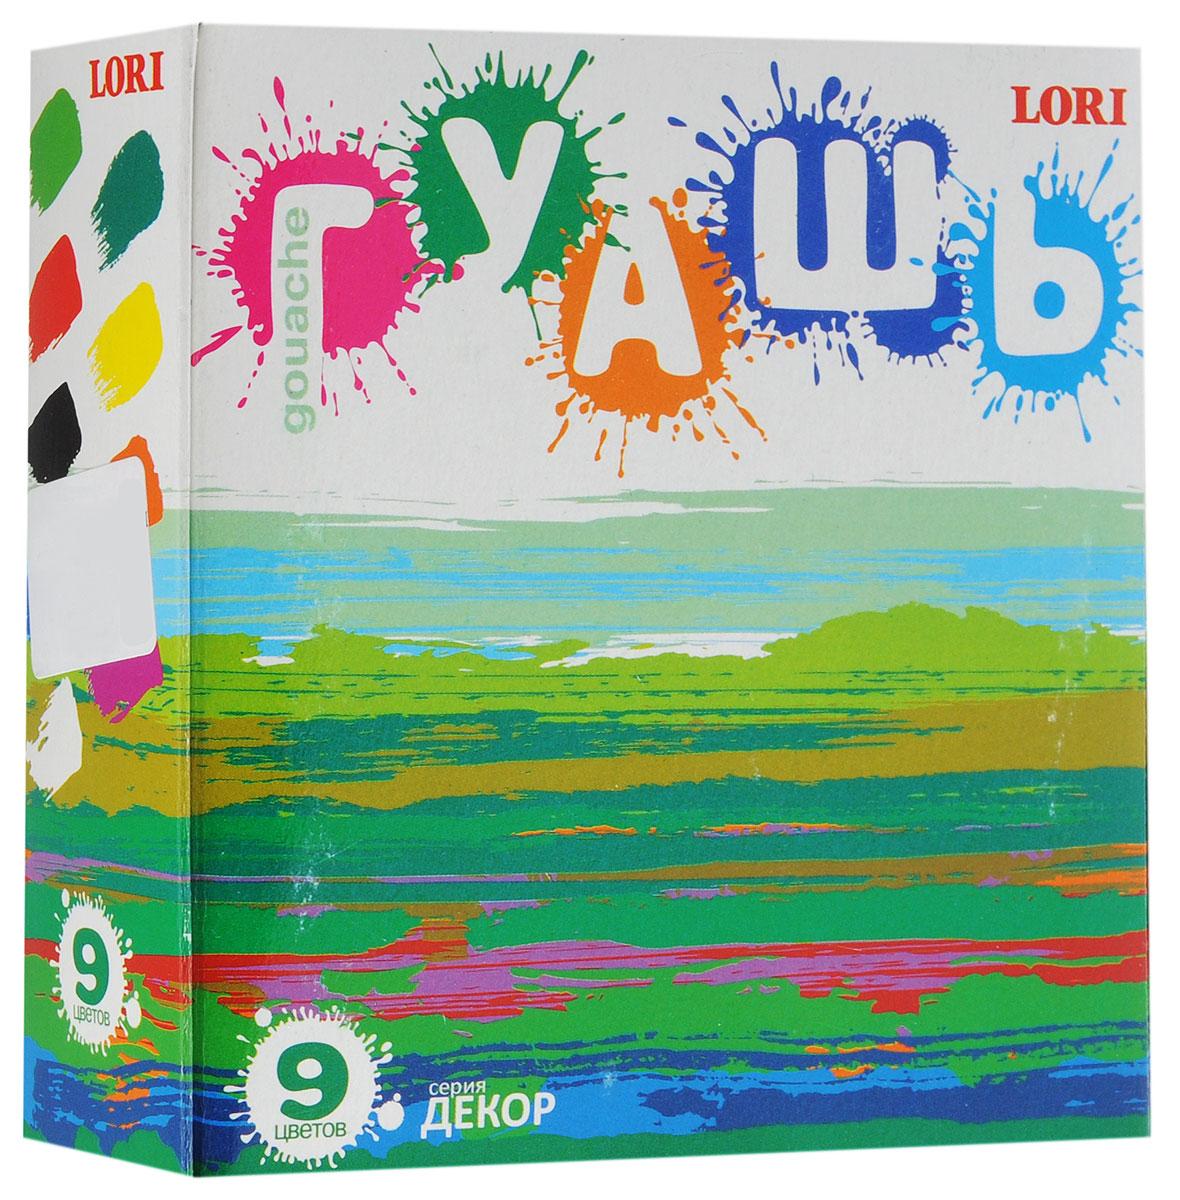 Lori Гуашь Декор 9 цветовГ-006Гуашь Lori Декор предназначена для рисования по бумаге, картону, дереву и стеклу. Набор включает краски 9 насыщенных цветов: синего, черного, зеленого, красного, желтого, белого, оранжевого, сиреневого, салатового. Каждая пластиковая баночка с гуашью закрывается винтовой крышкой.Яркие цвета дают множество оттенков при смешивании. Легко размываются водой и быстро сохнут.Объем одной баночки 20 мл.